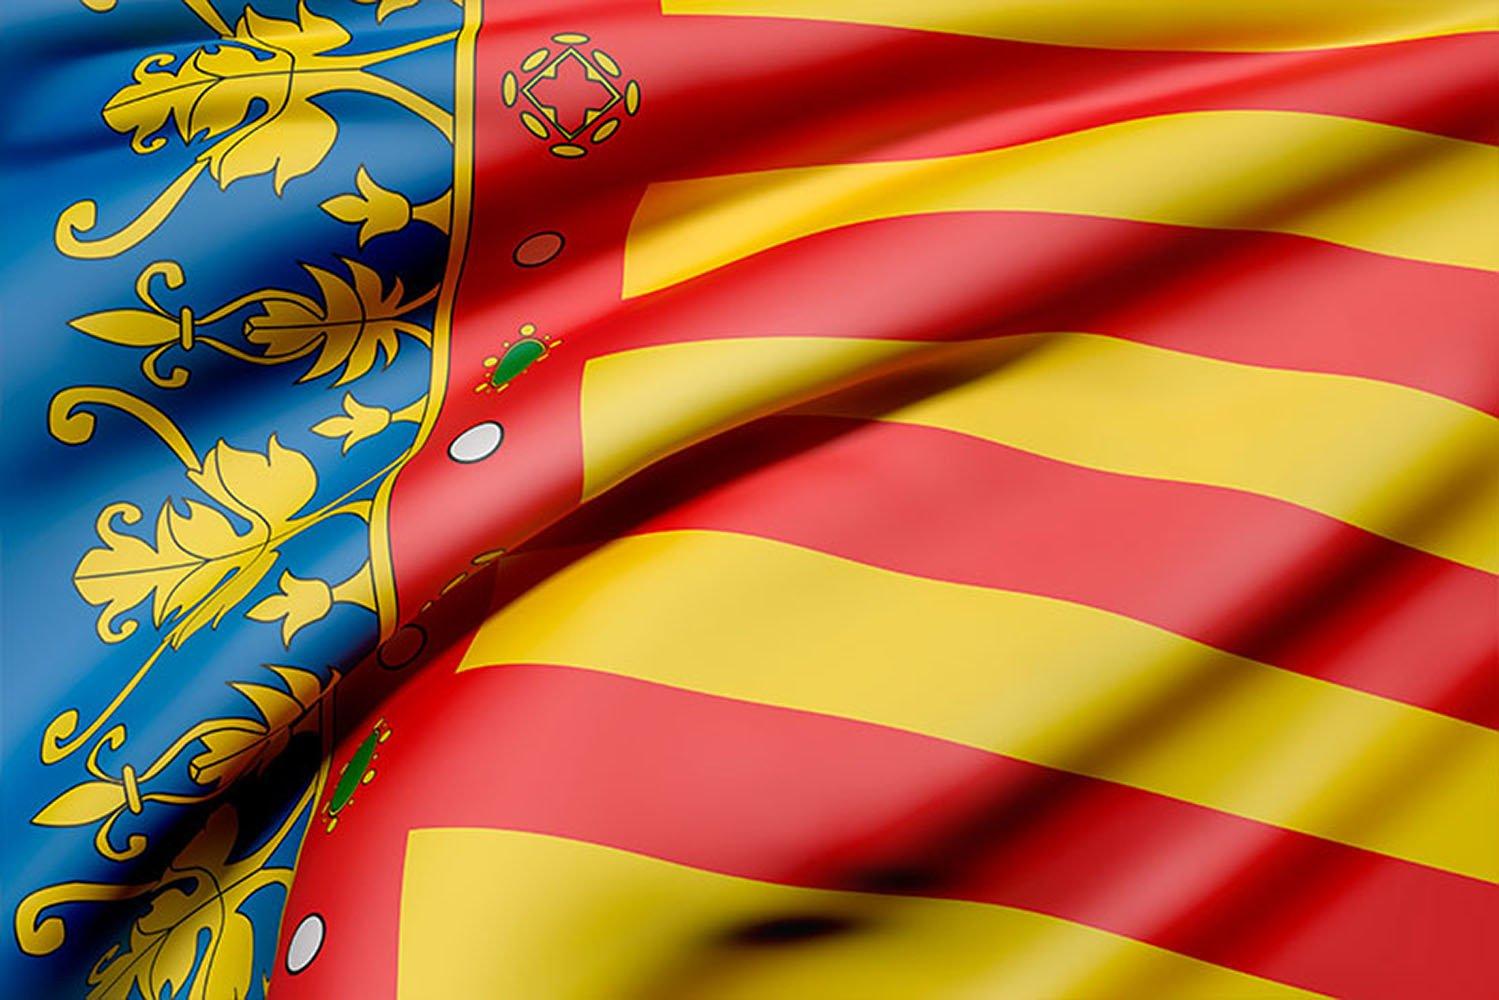 Bandera de La Comunidad Valenciana 85x150cm | Reforzada y con Pespuntes| Bandera de La Comunidad Valenciana Con 2 ojales Metá licos Oedim